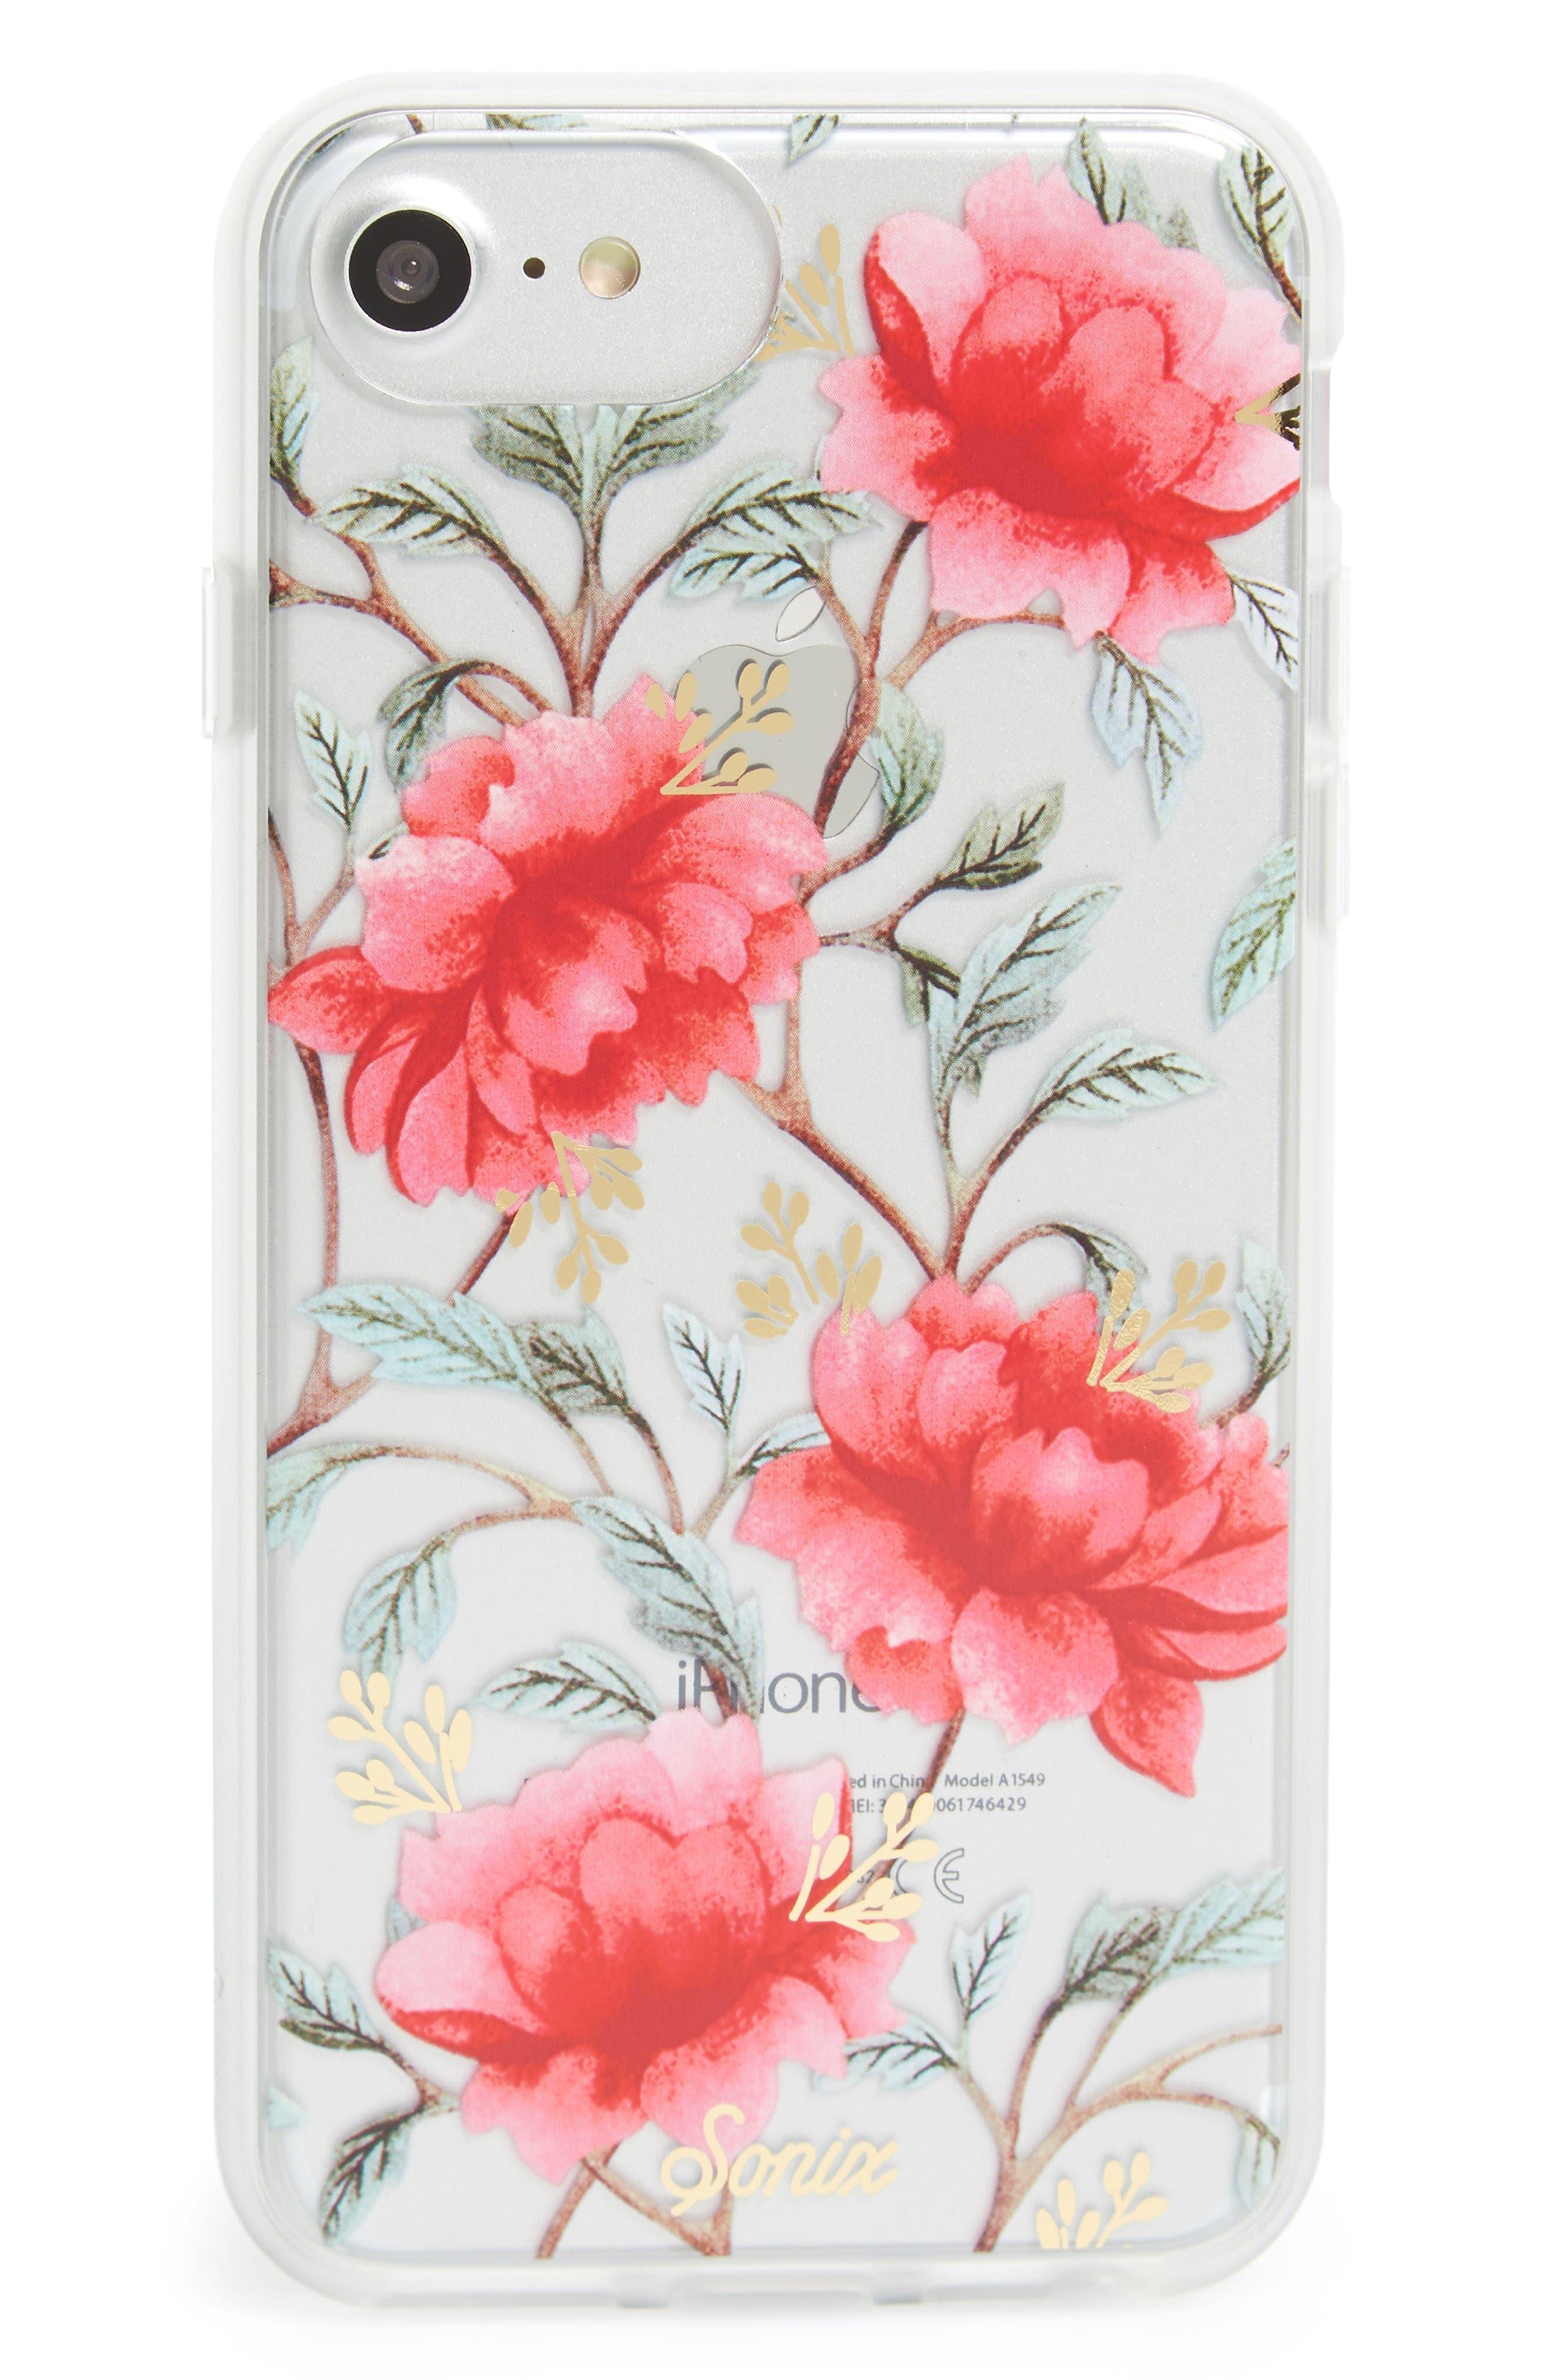 Sonix Mandarine Bloom iPhone 6/7 & 6/7 Plus Case